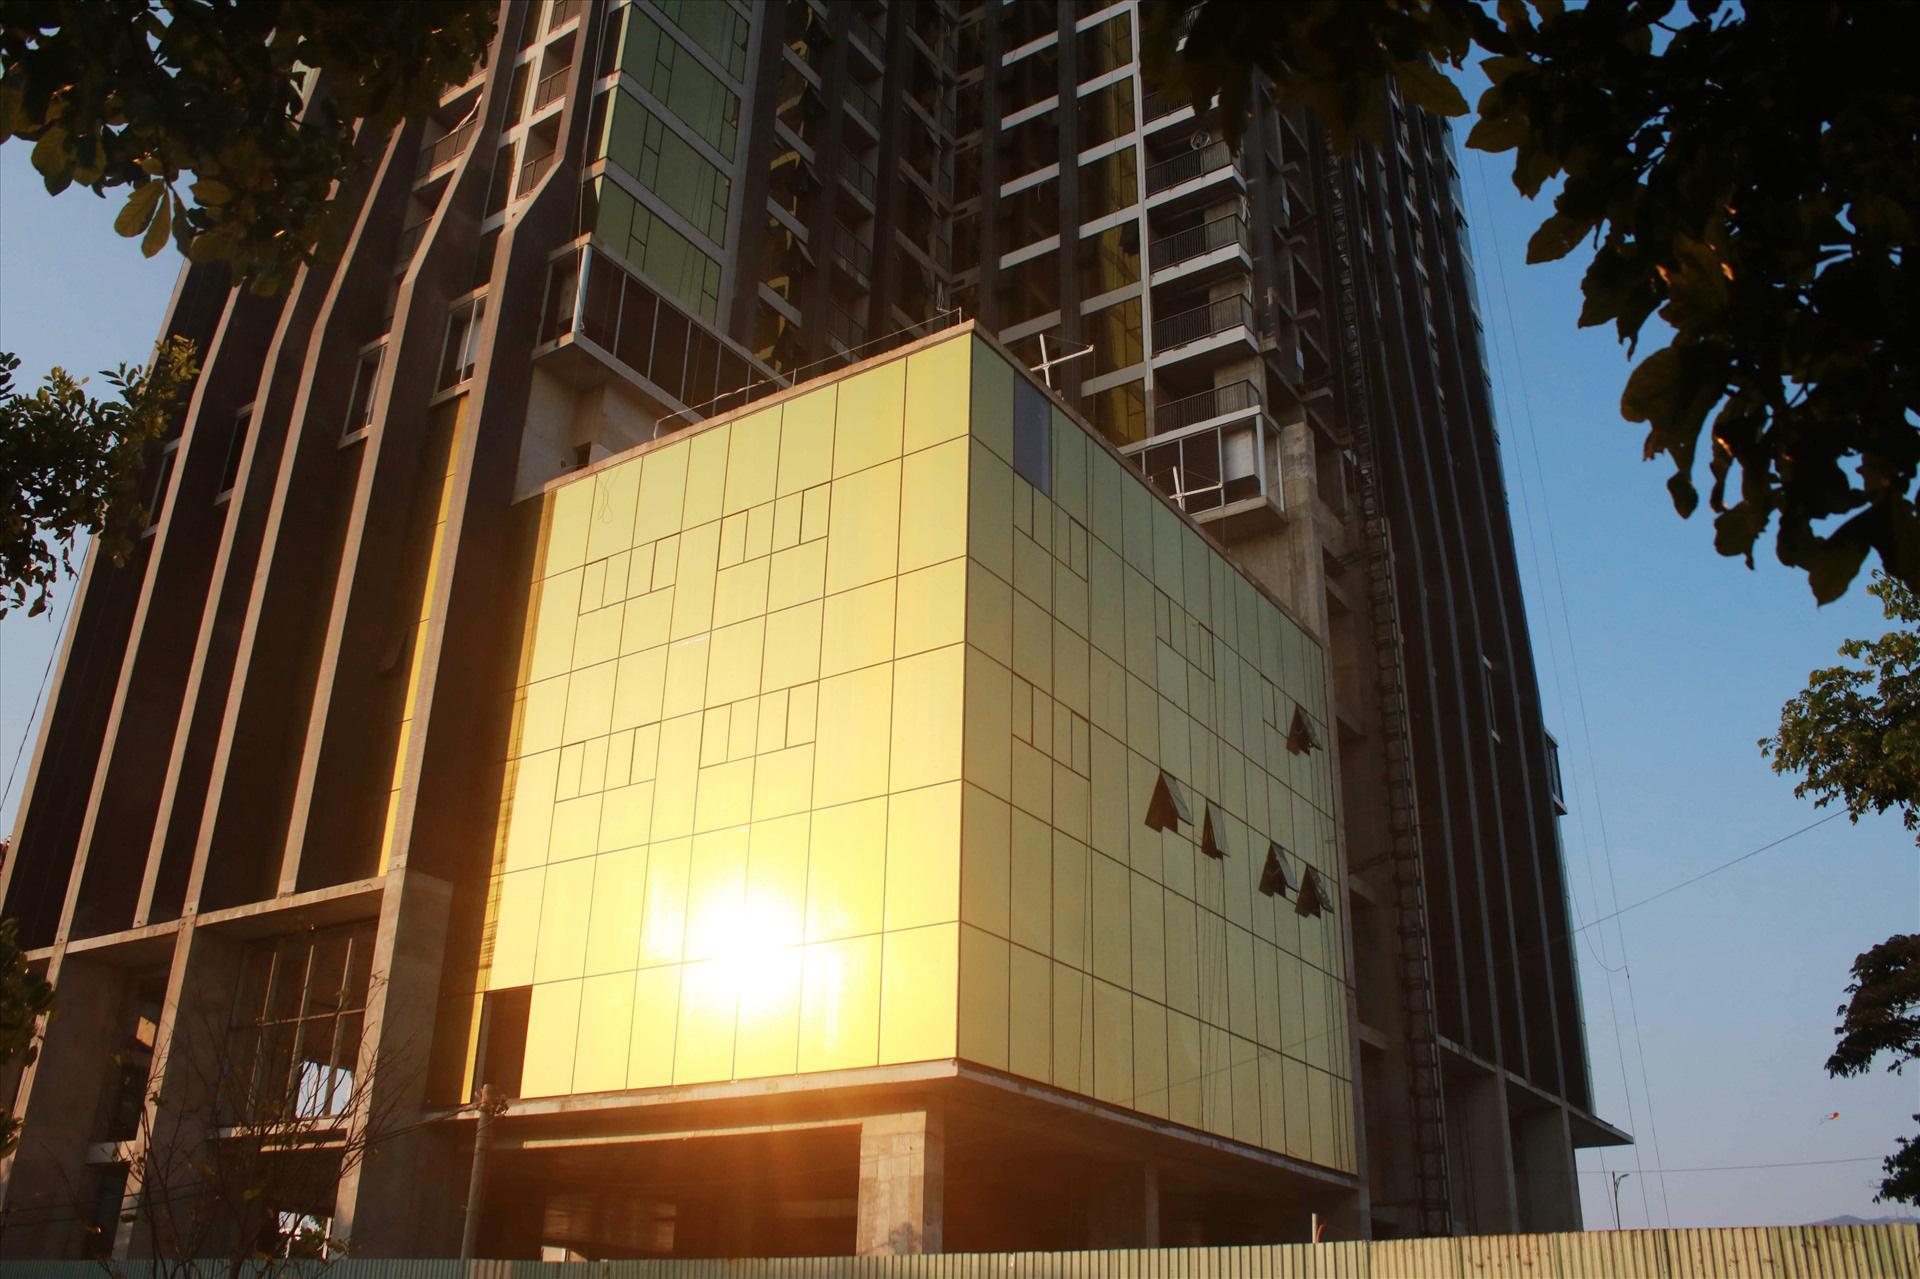 Cận cảnh toà nhà dát vàng của ngân hàng SHB khiến người dân Đà Nẵng bức xúc - Ảnh 6.